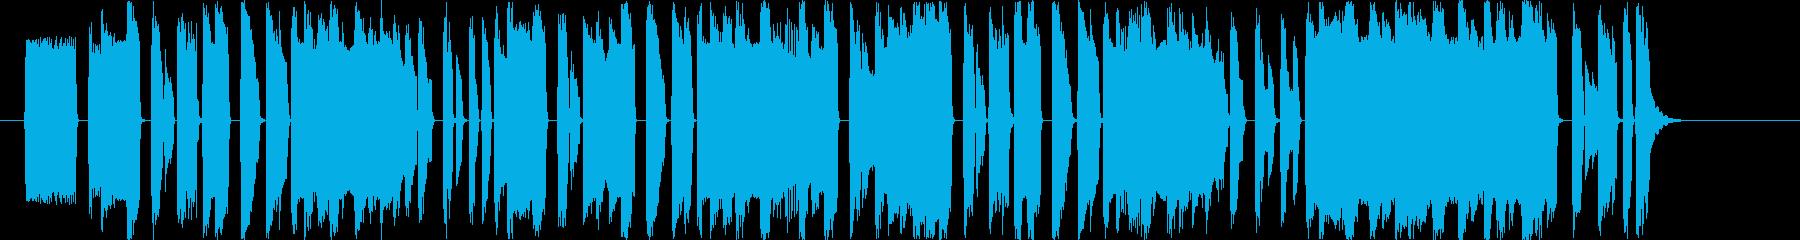 ファミコンがやりたくなる8bit系BGMの再生済みの波形